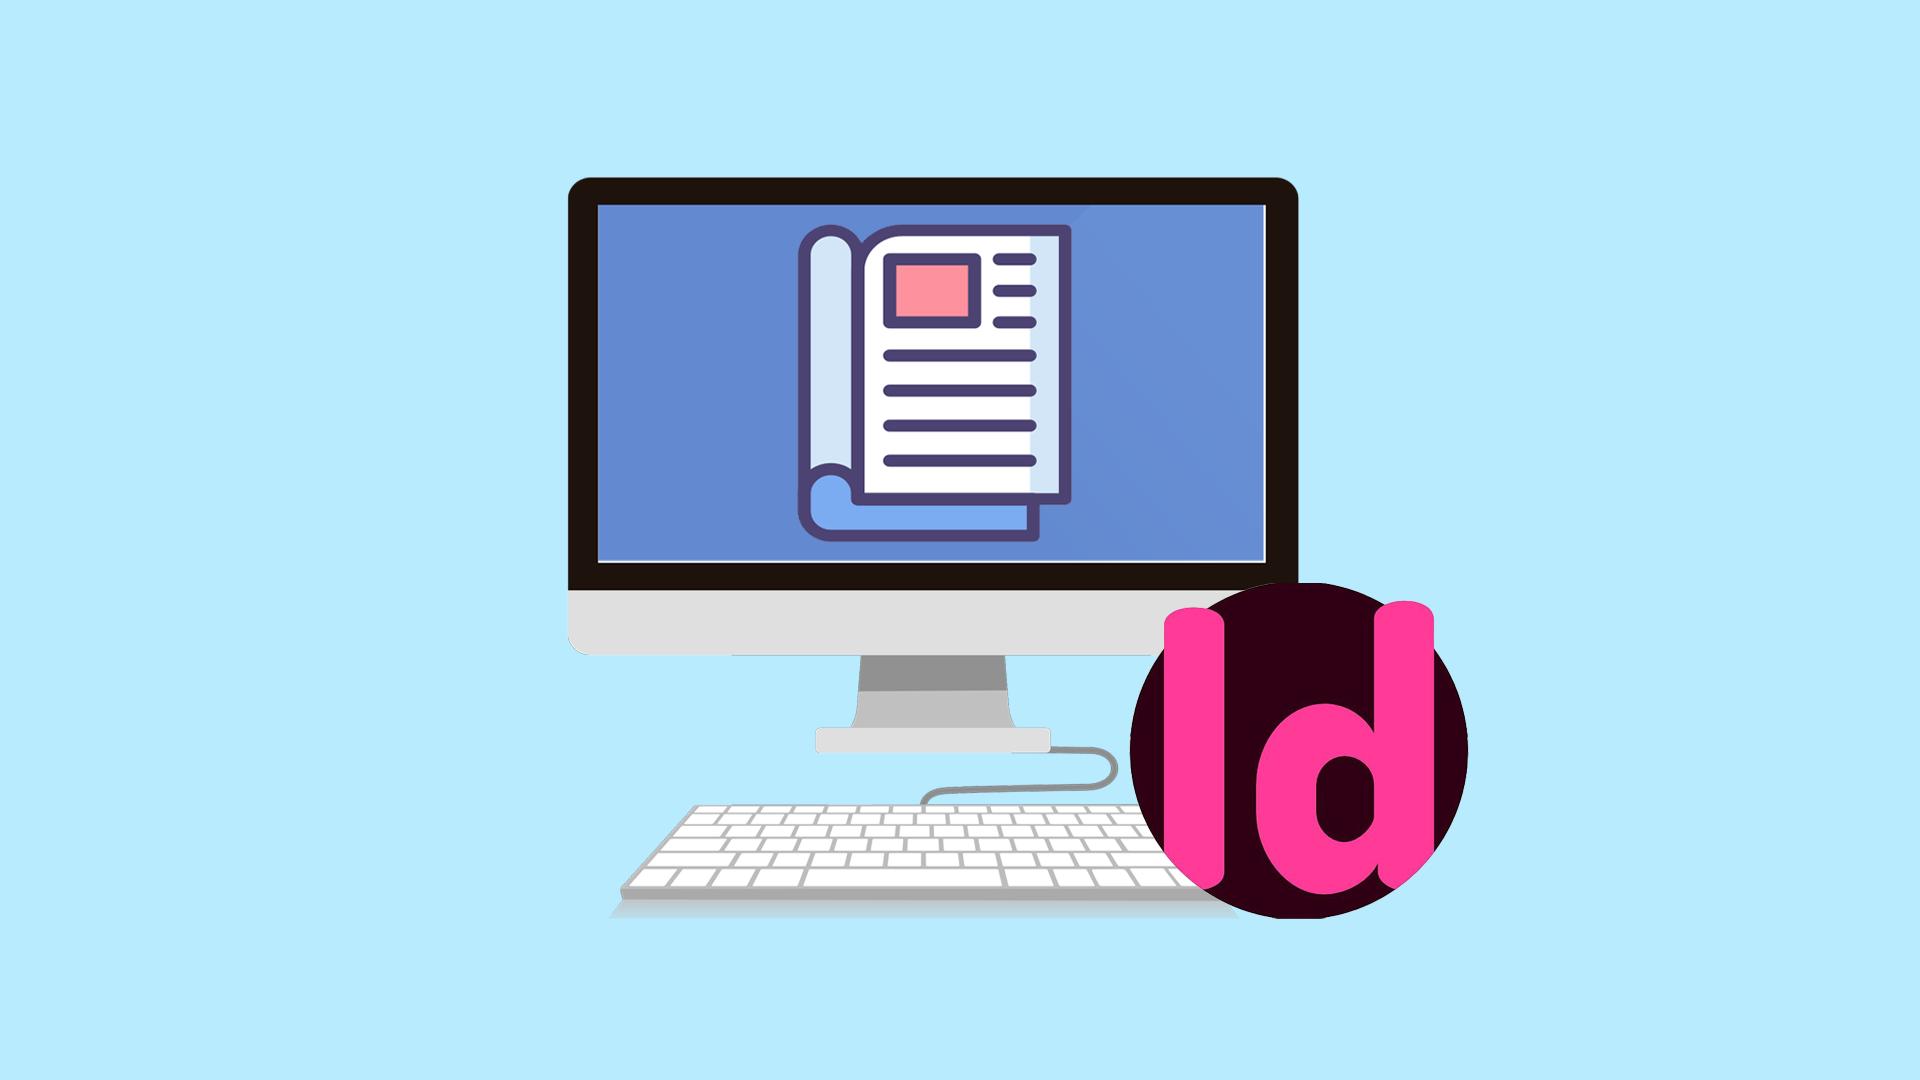 آموزش ایندیزاین InDesign برای چاپ و صفحه آرایی – جامع و پروژه محور